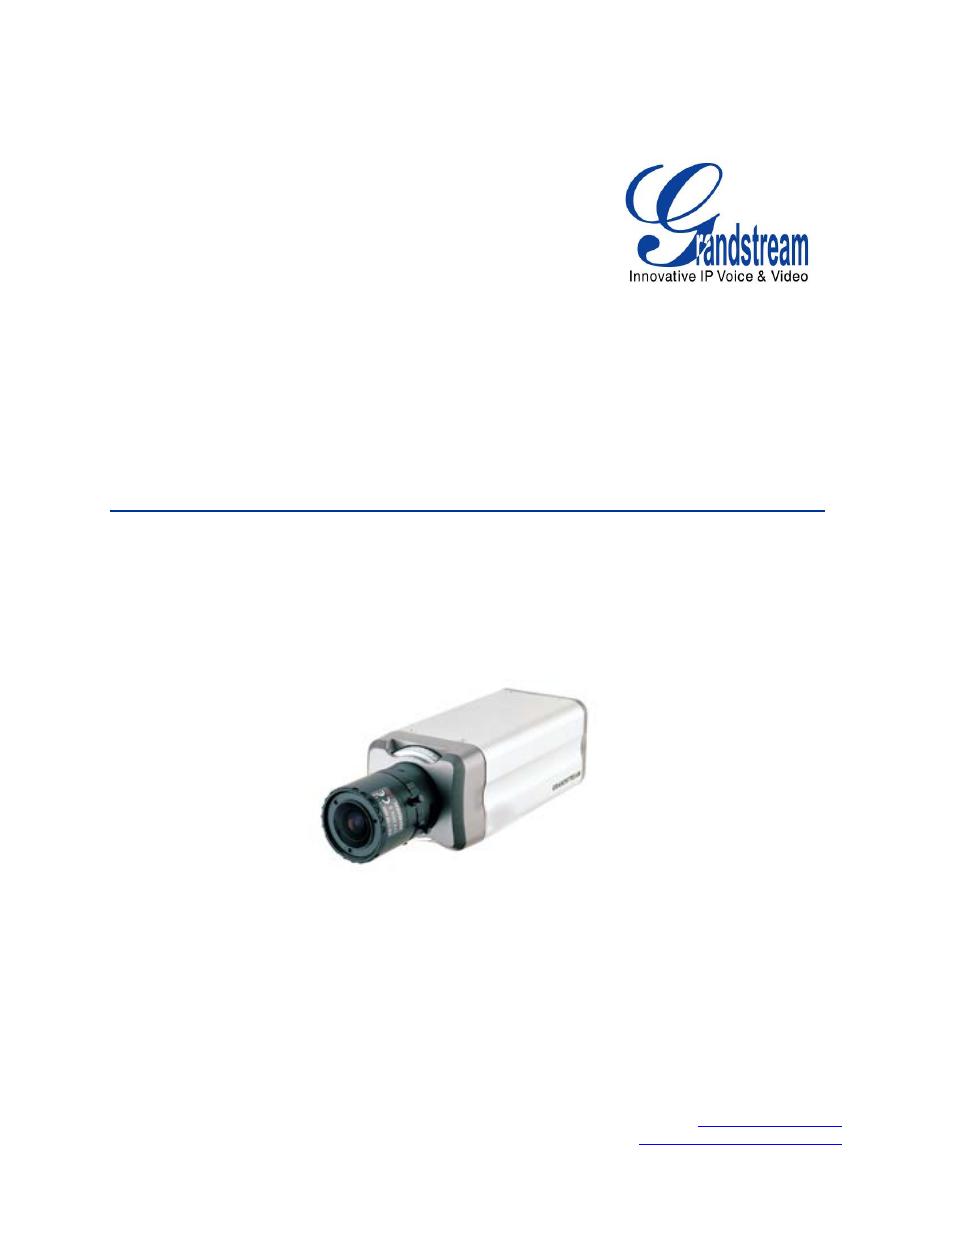 Grandstream GXV3601 Series IP Camera User Manual User Manual